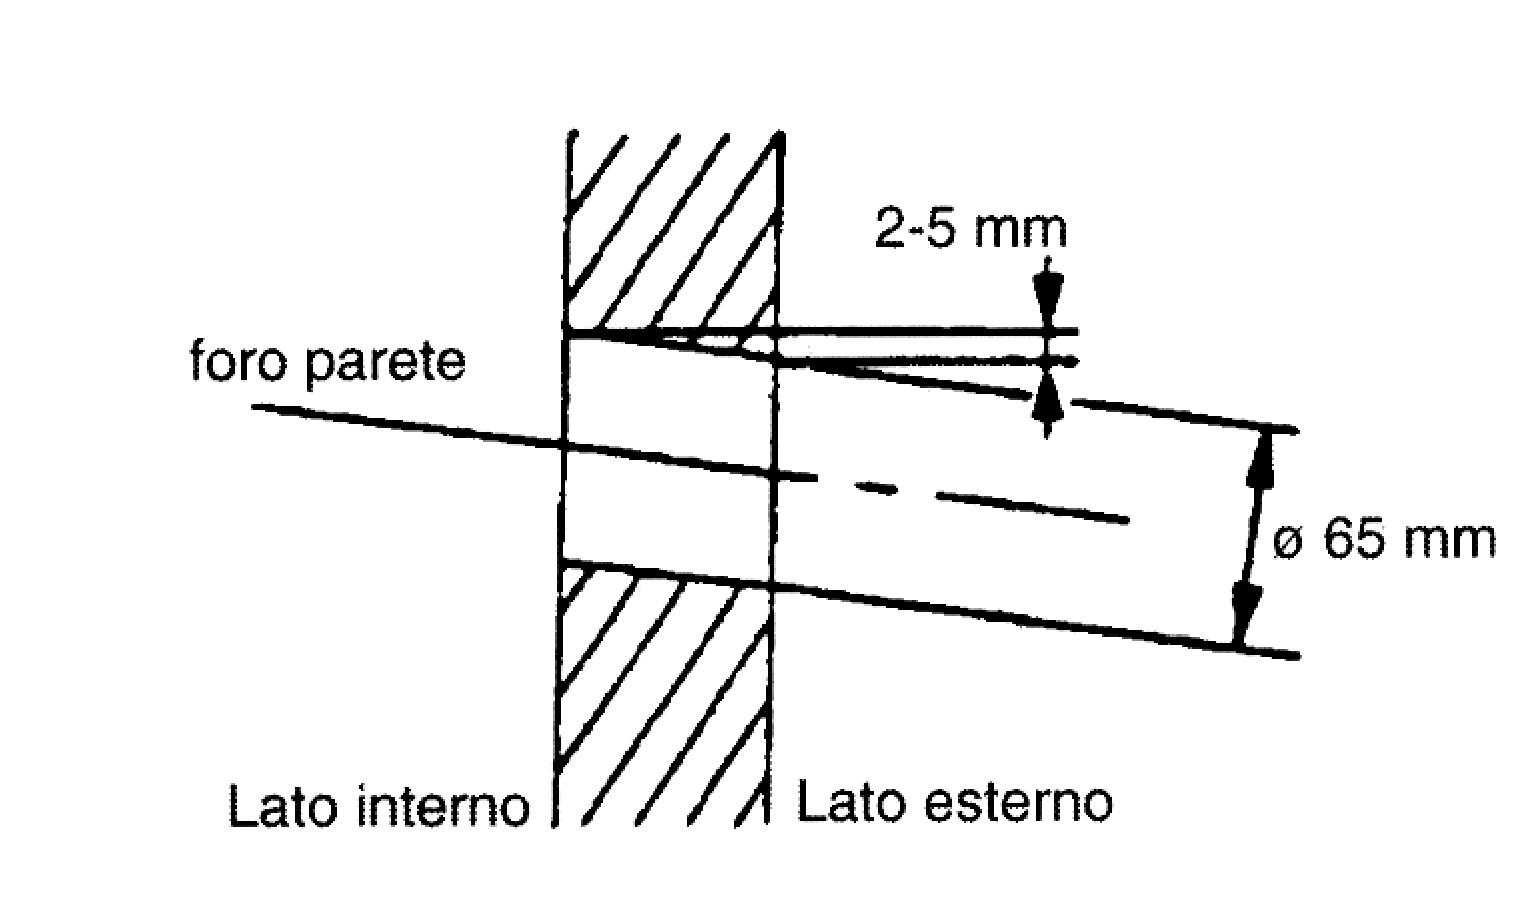 Schema Elettrico Motore Trifase 2 Velocità : Motori elettrici asincroni doppia velocità trifase lafert spa